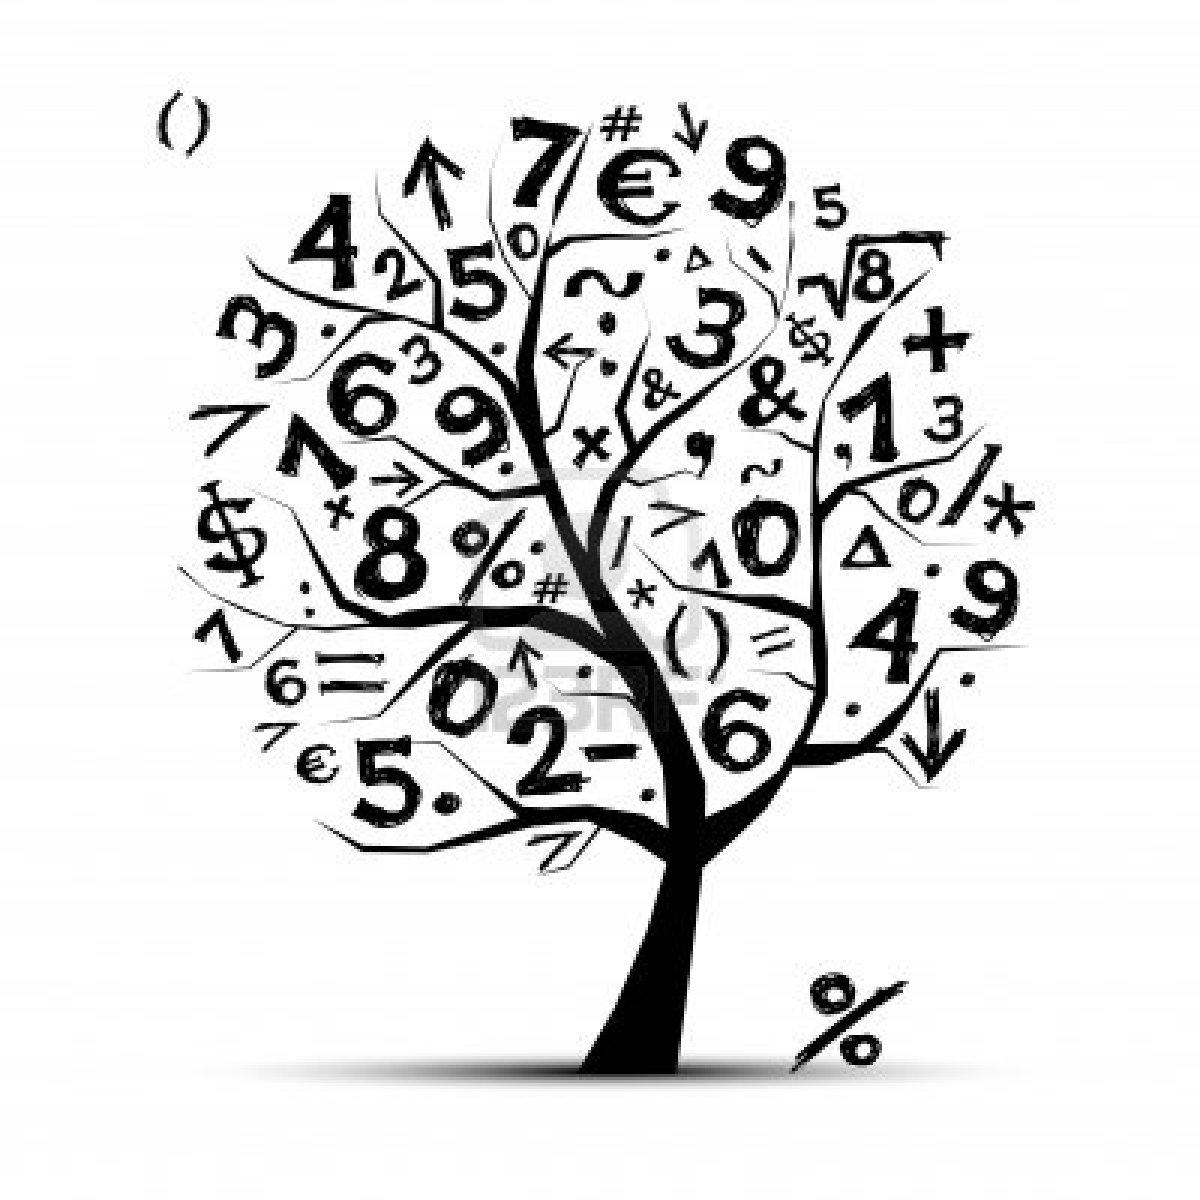 11264060-arte-arbol-con-los-simbolos-matematicos-para-el-diseno-de-su